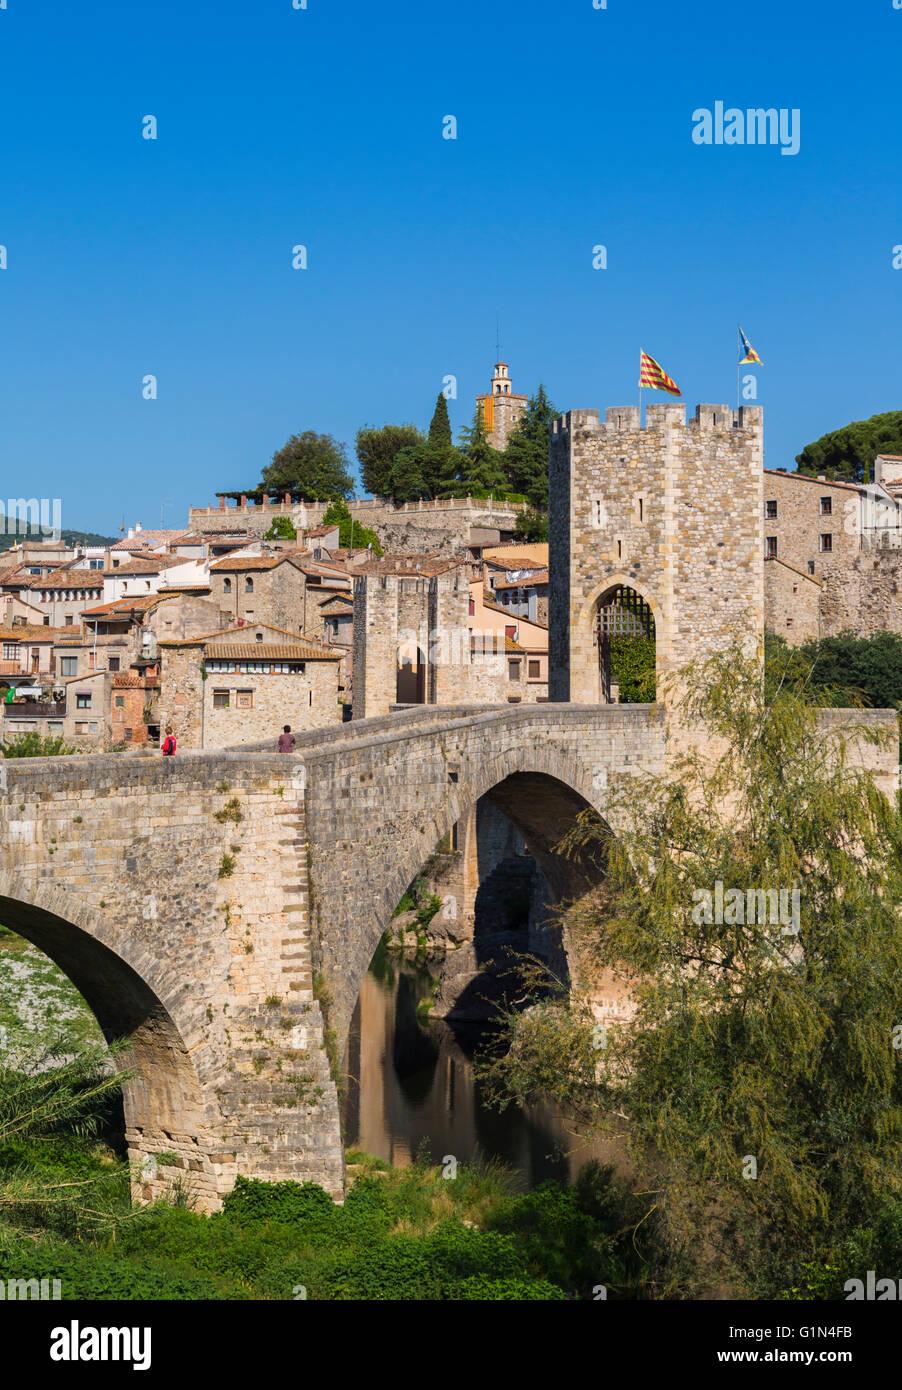 Besalú, Girona, Cataluña, España. Puente fortificado conocido como el Pont Vell, el Puente Viejo, Imagen De Stock